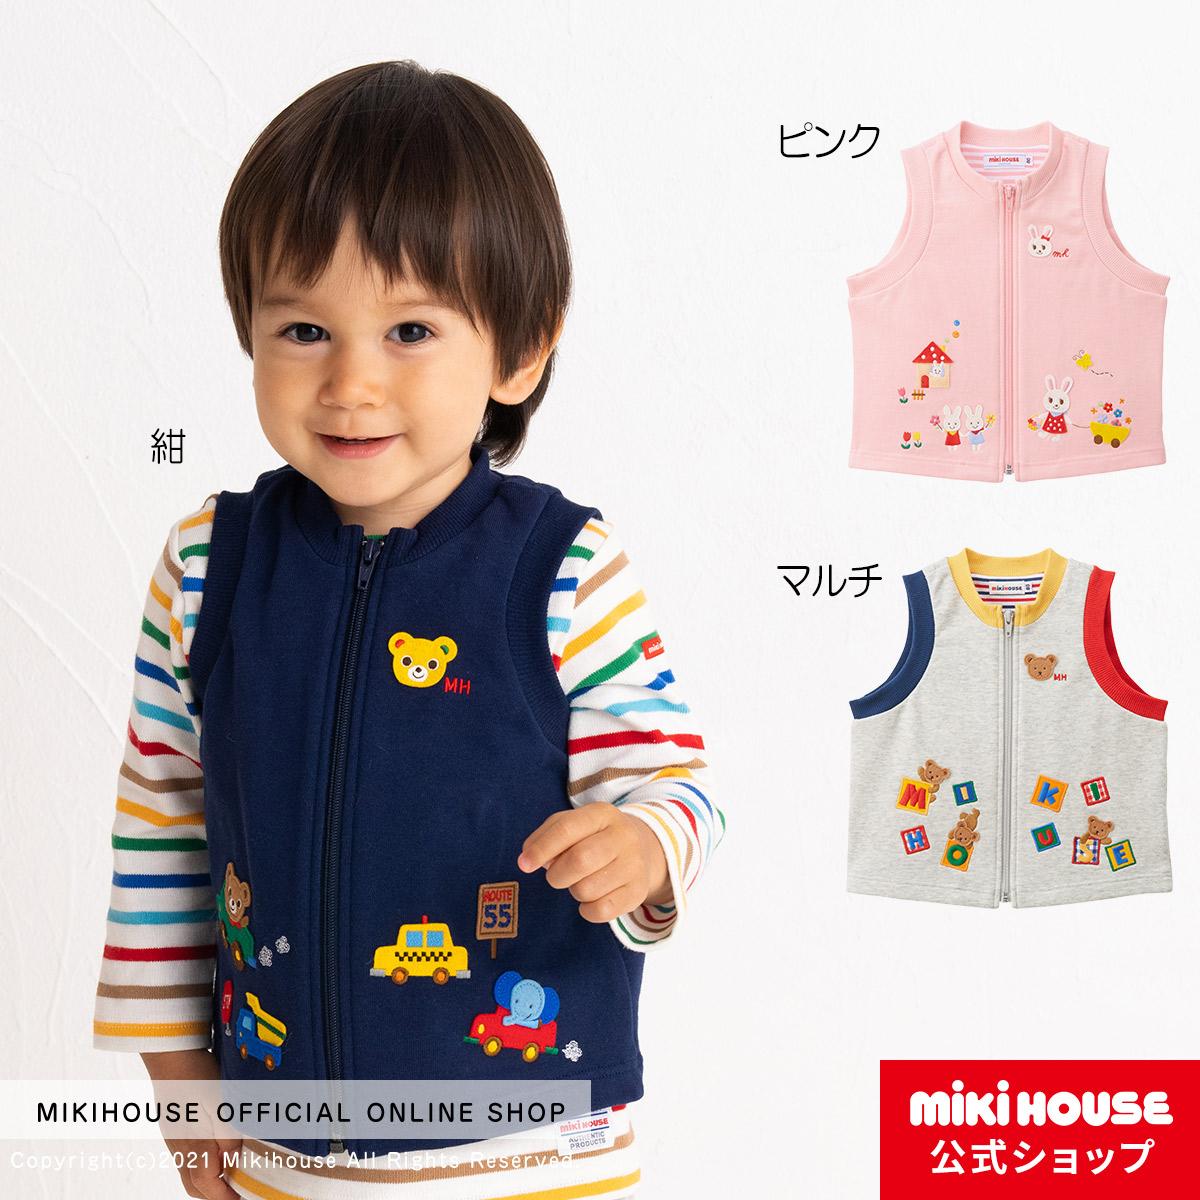 ミキハウス [並行輸入品] mikihouse ベスト 110cm 120cm ベビー服 こども 男の子 直営ストア キッズ 女の子 子供服